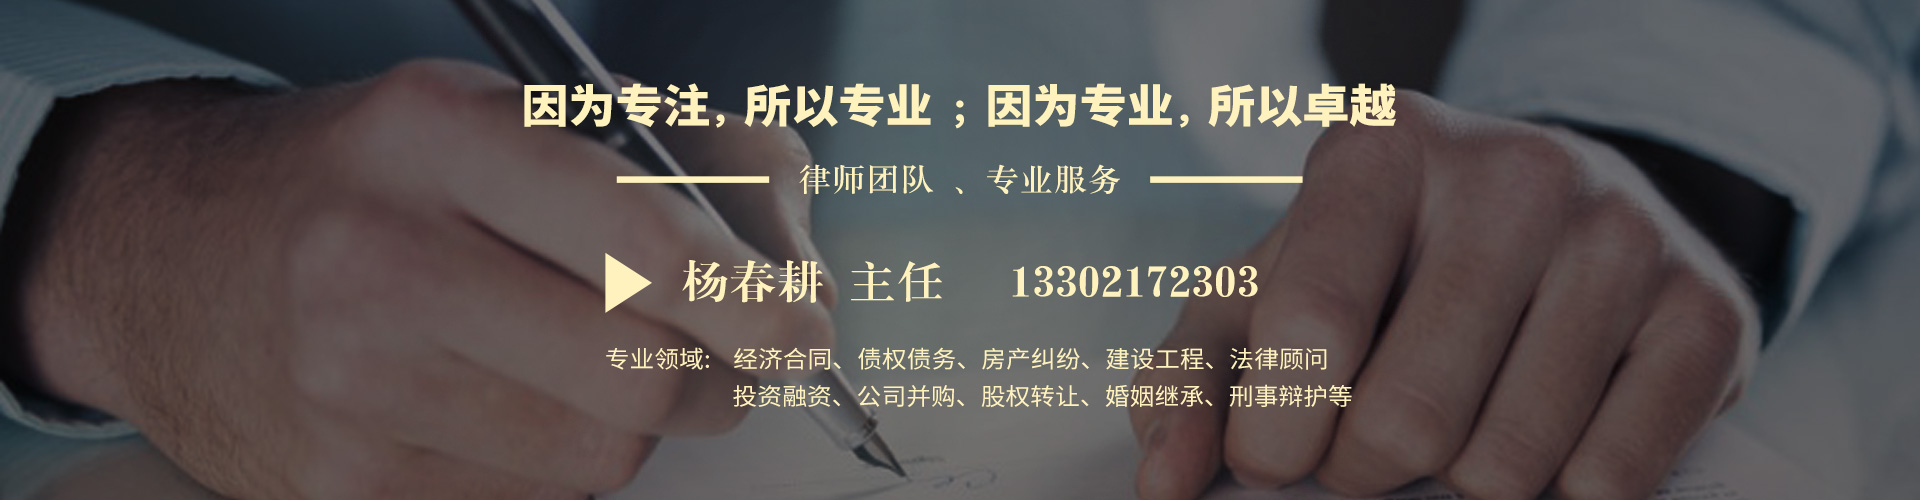 杨春耕律师2